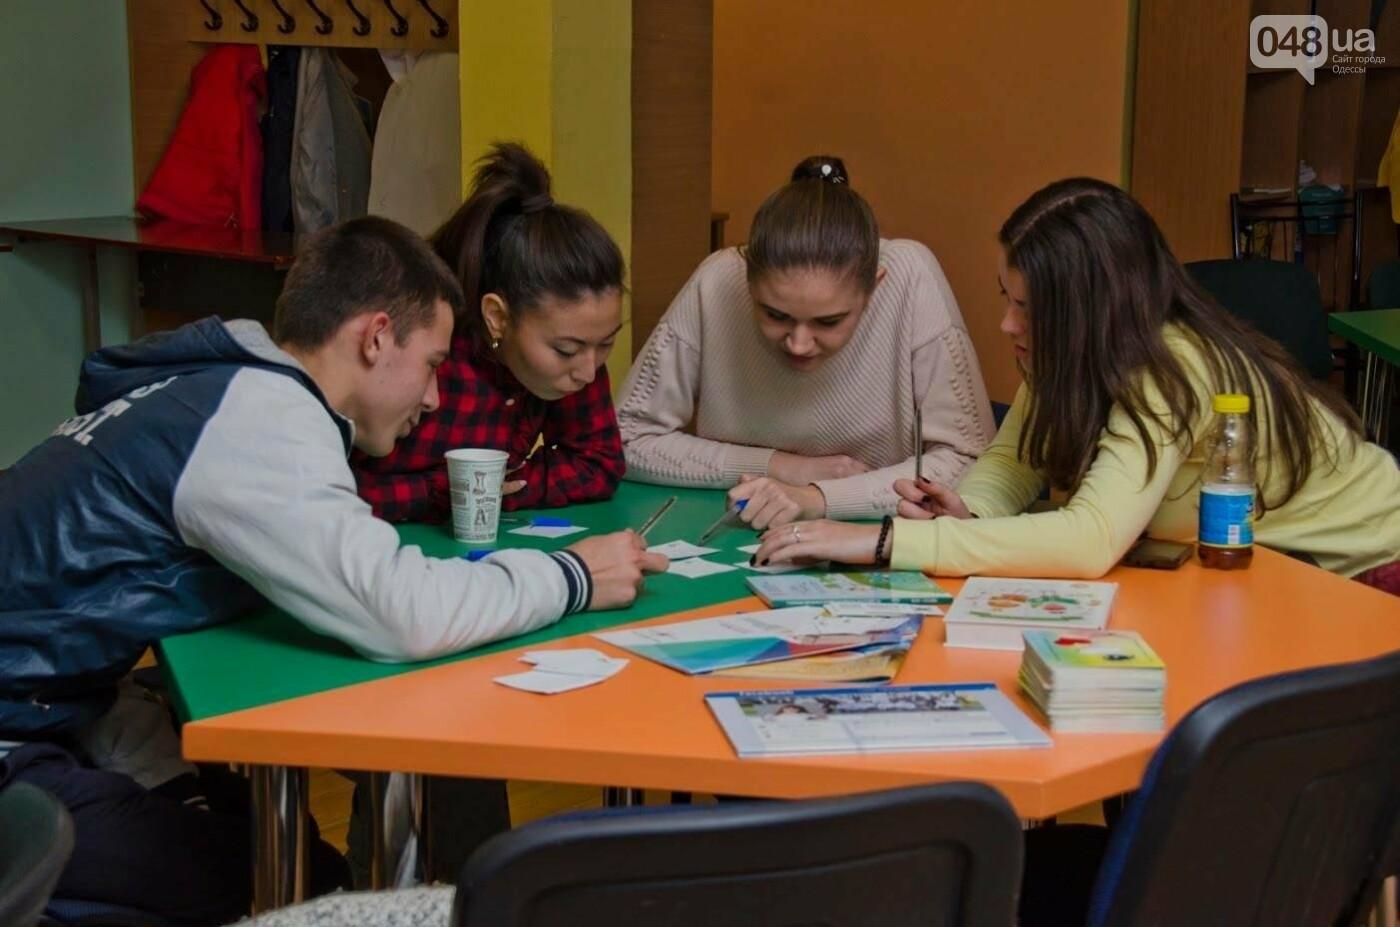 Одесские образовательные проекты заинтересовали европейцев, фото-2